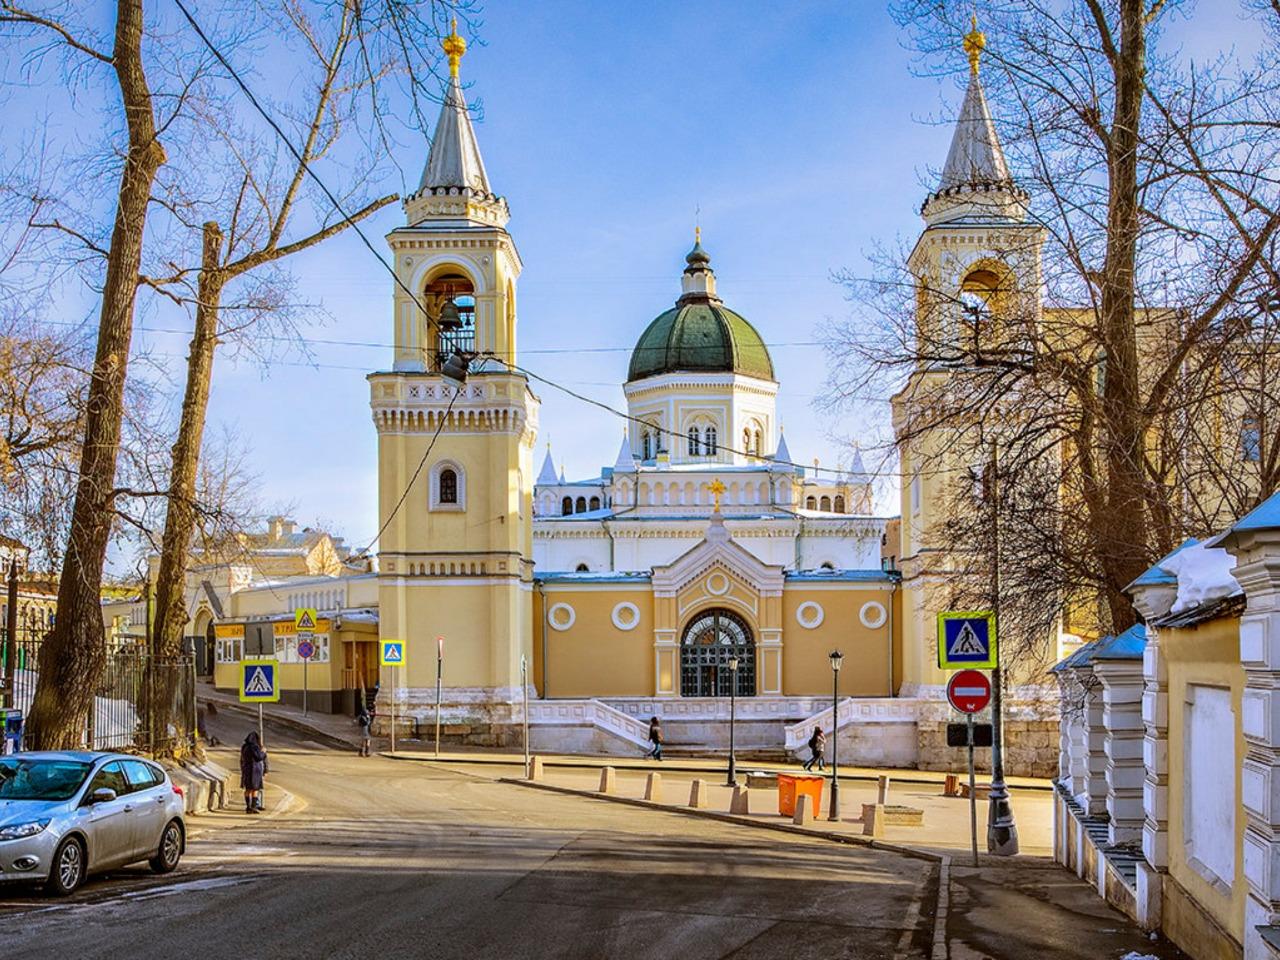 Прогулка по Ивановской горке - индивидуальная экскурсия по Москве от опытного гида